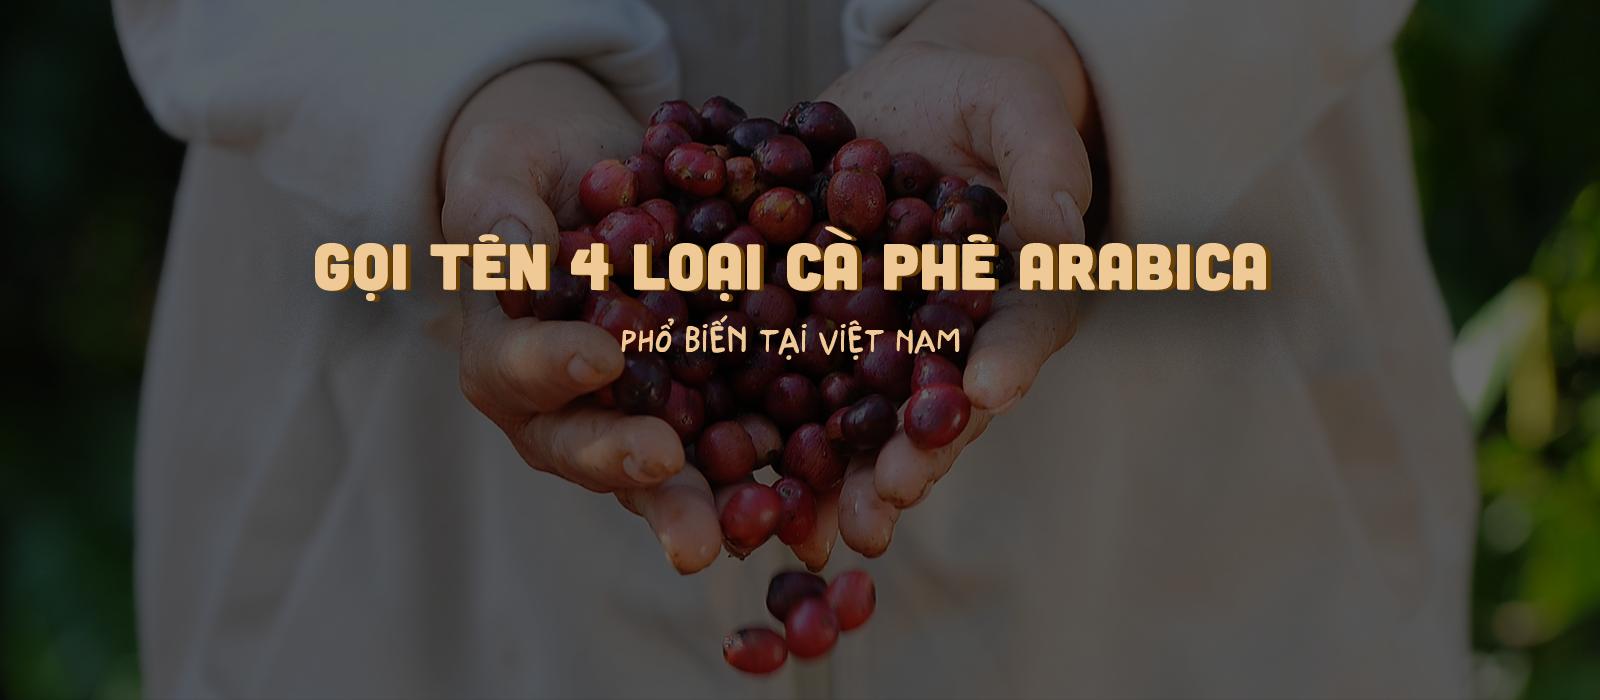 gọi tên 4 loại cà phê Arabica phổ biến tại Việt Nam